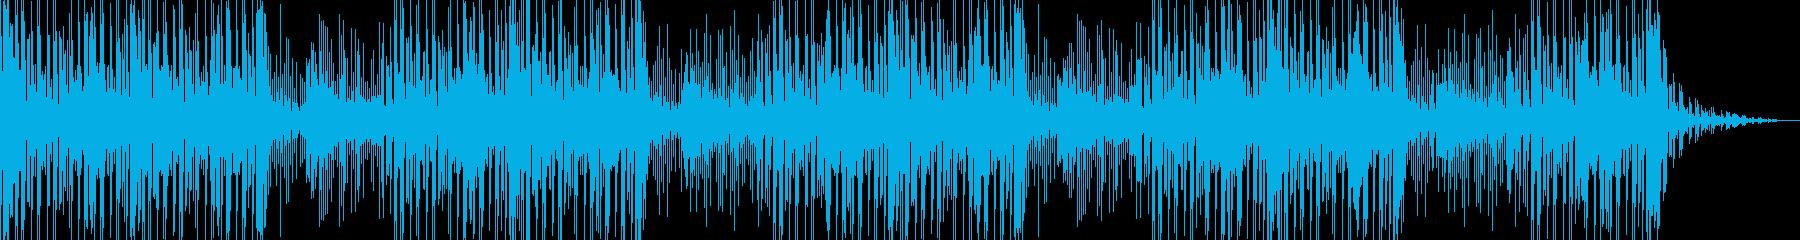 尺八なしの再生済みの波形